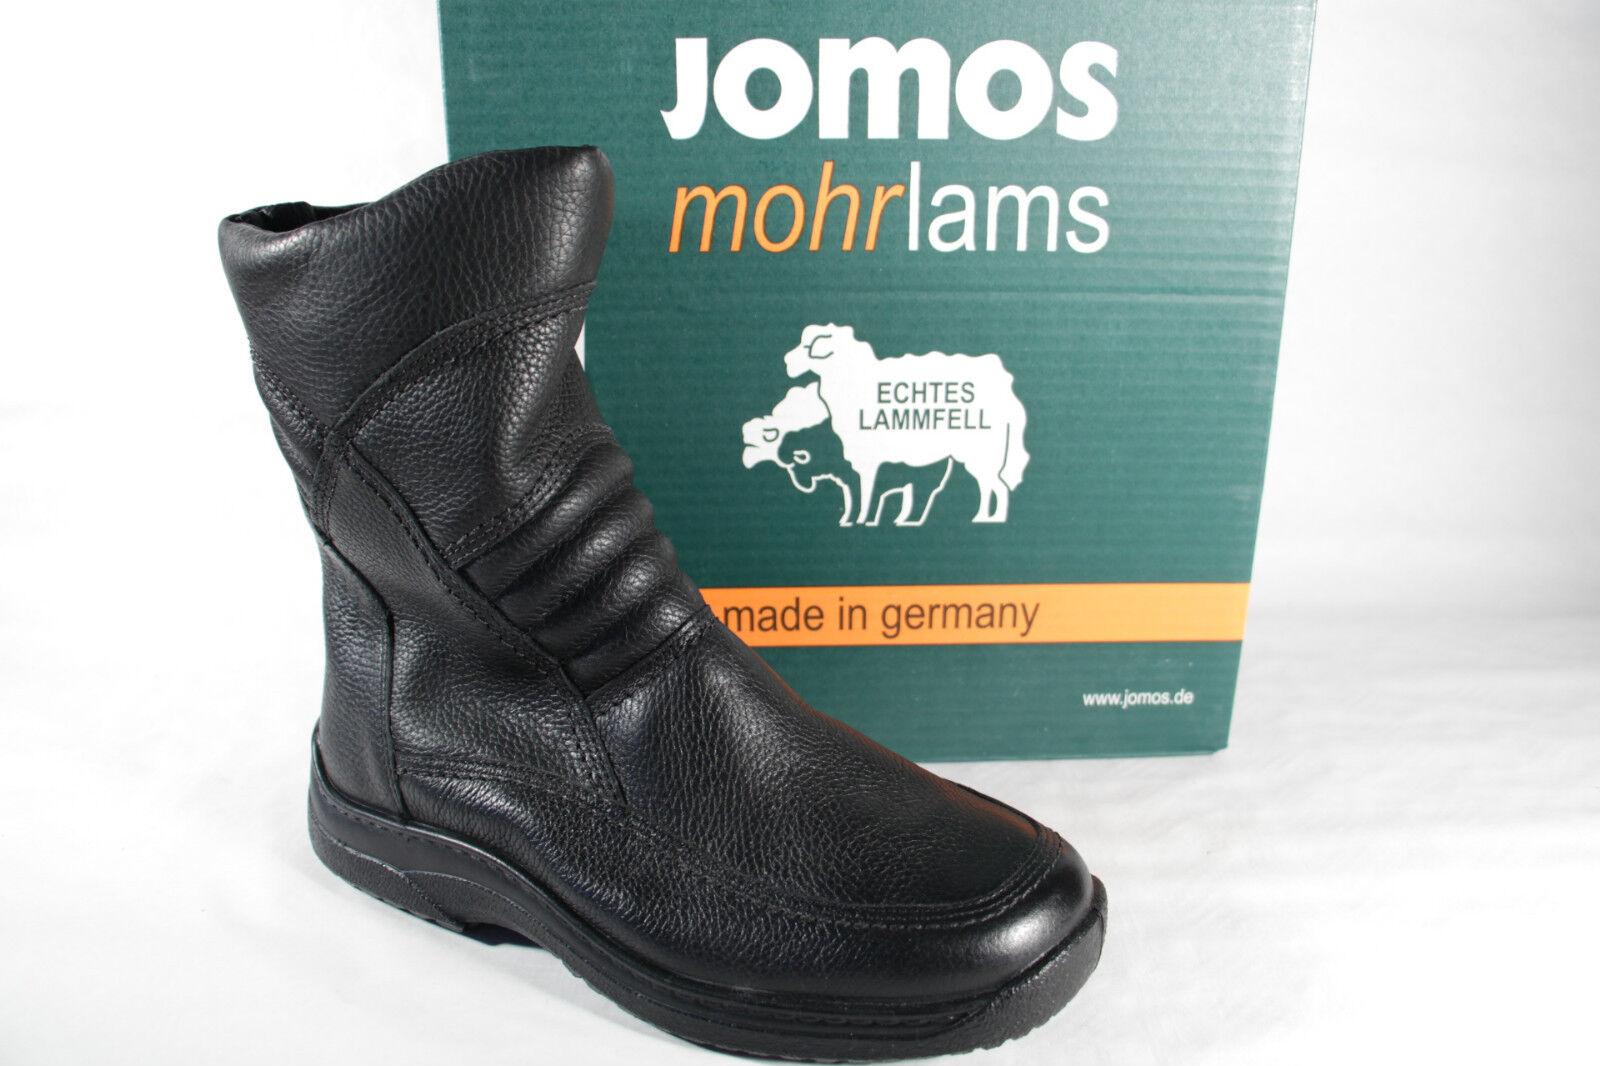 Jomos Uomo nero, Stivali Stivali Invernali, Boots, nero, Uomo RV, in vero agnello NUOVO! 1ddb79